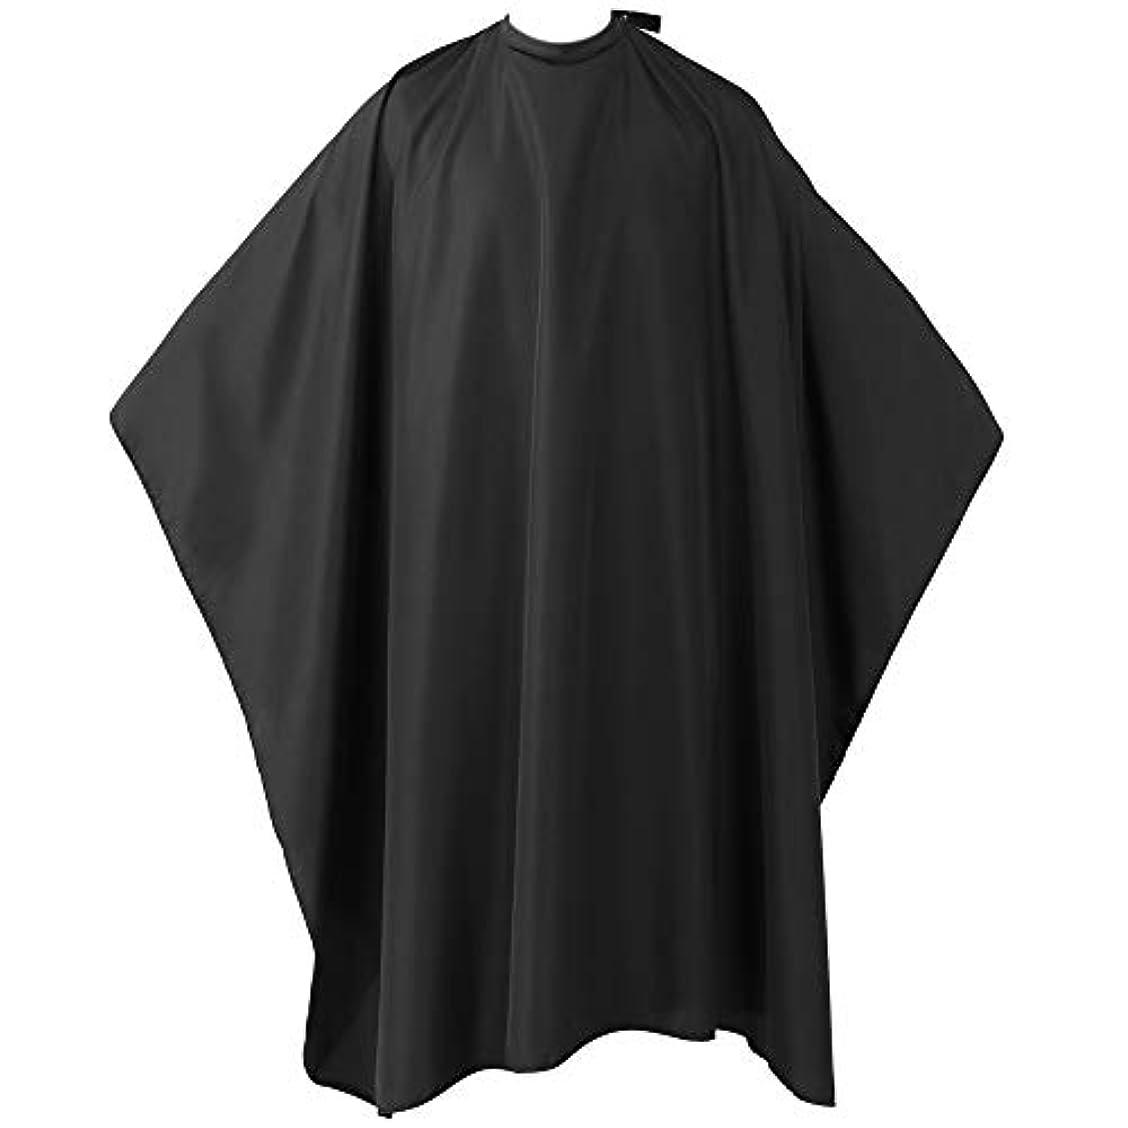 罰スキニーフルーティーヘアーエプロン 散髪マント 散髪ケープ ファミリー理髪 折りたたみ式 防水加工 ヘアスタイリングツール (ブラック)